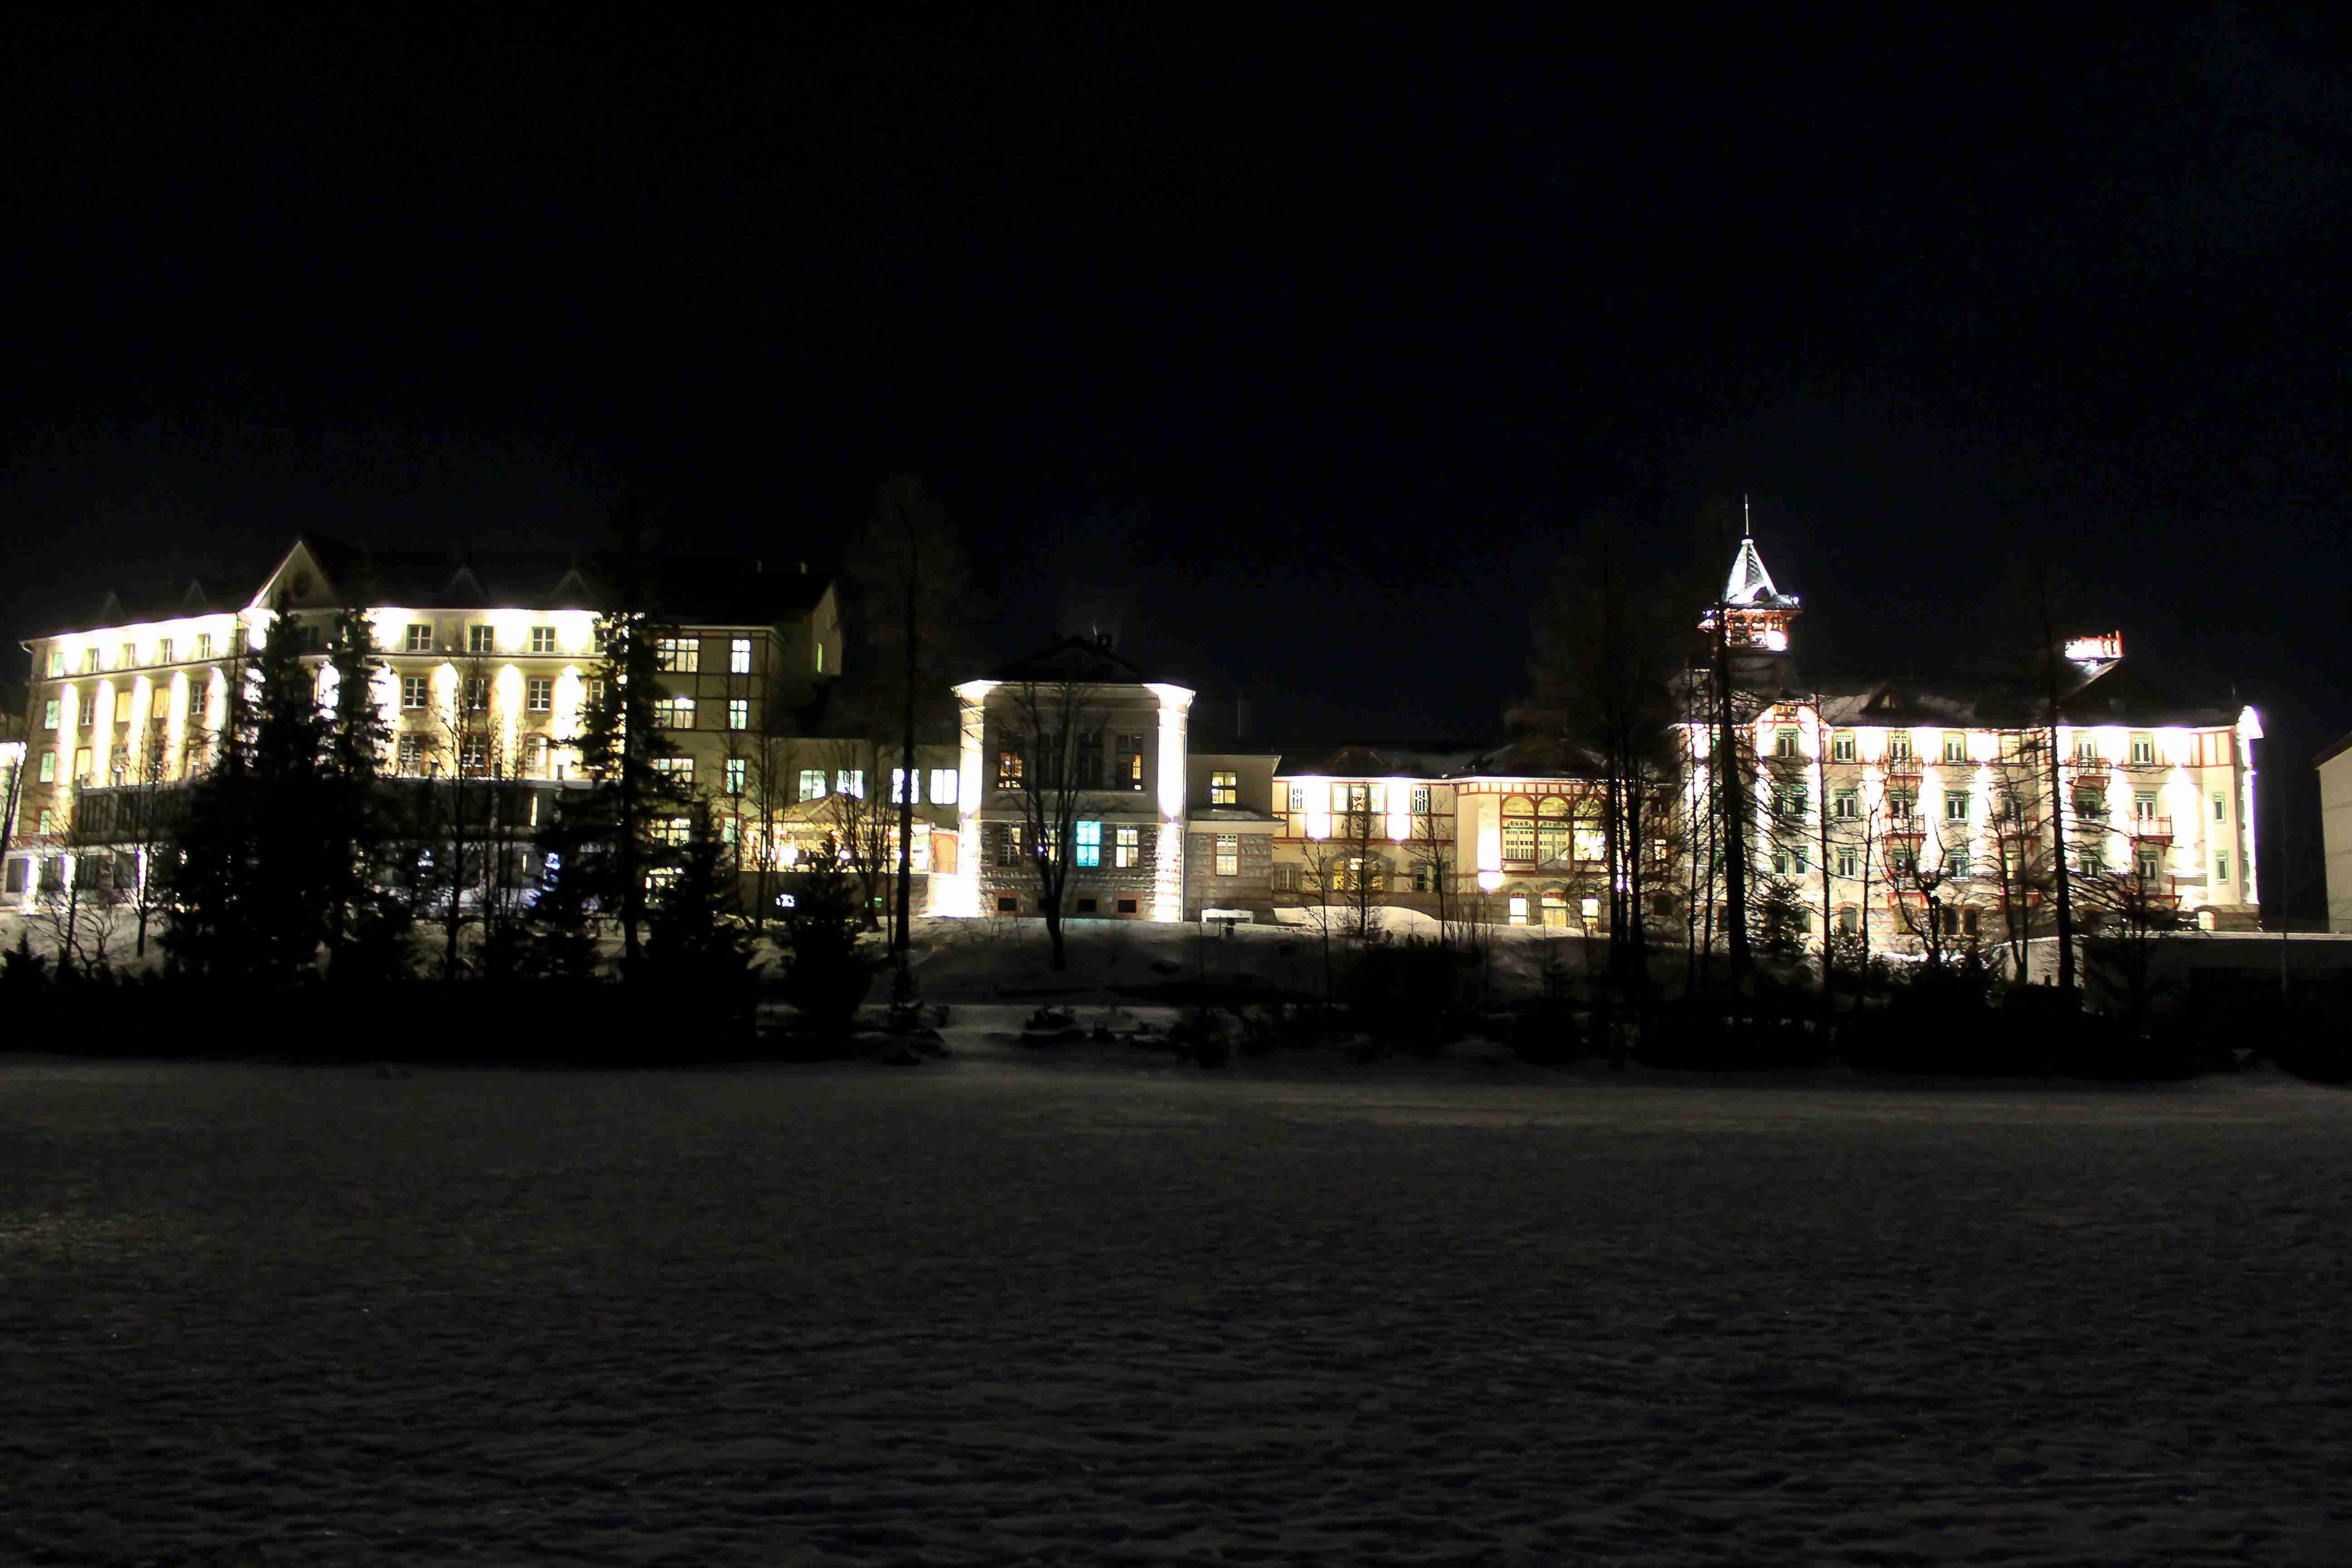 Takto sme fotili v noci a to z ruky. f=3,5, ISO 3200, doba expozície 0,3 sek, ohnisko 18 mm